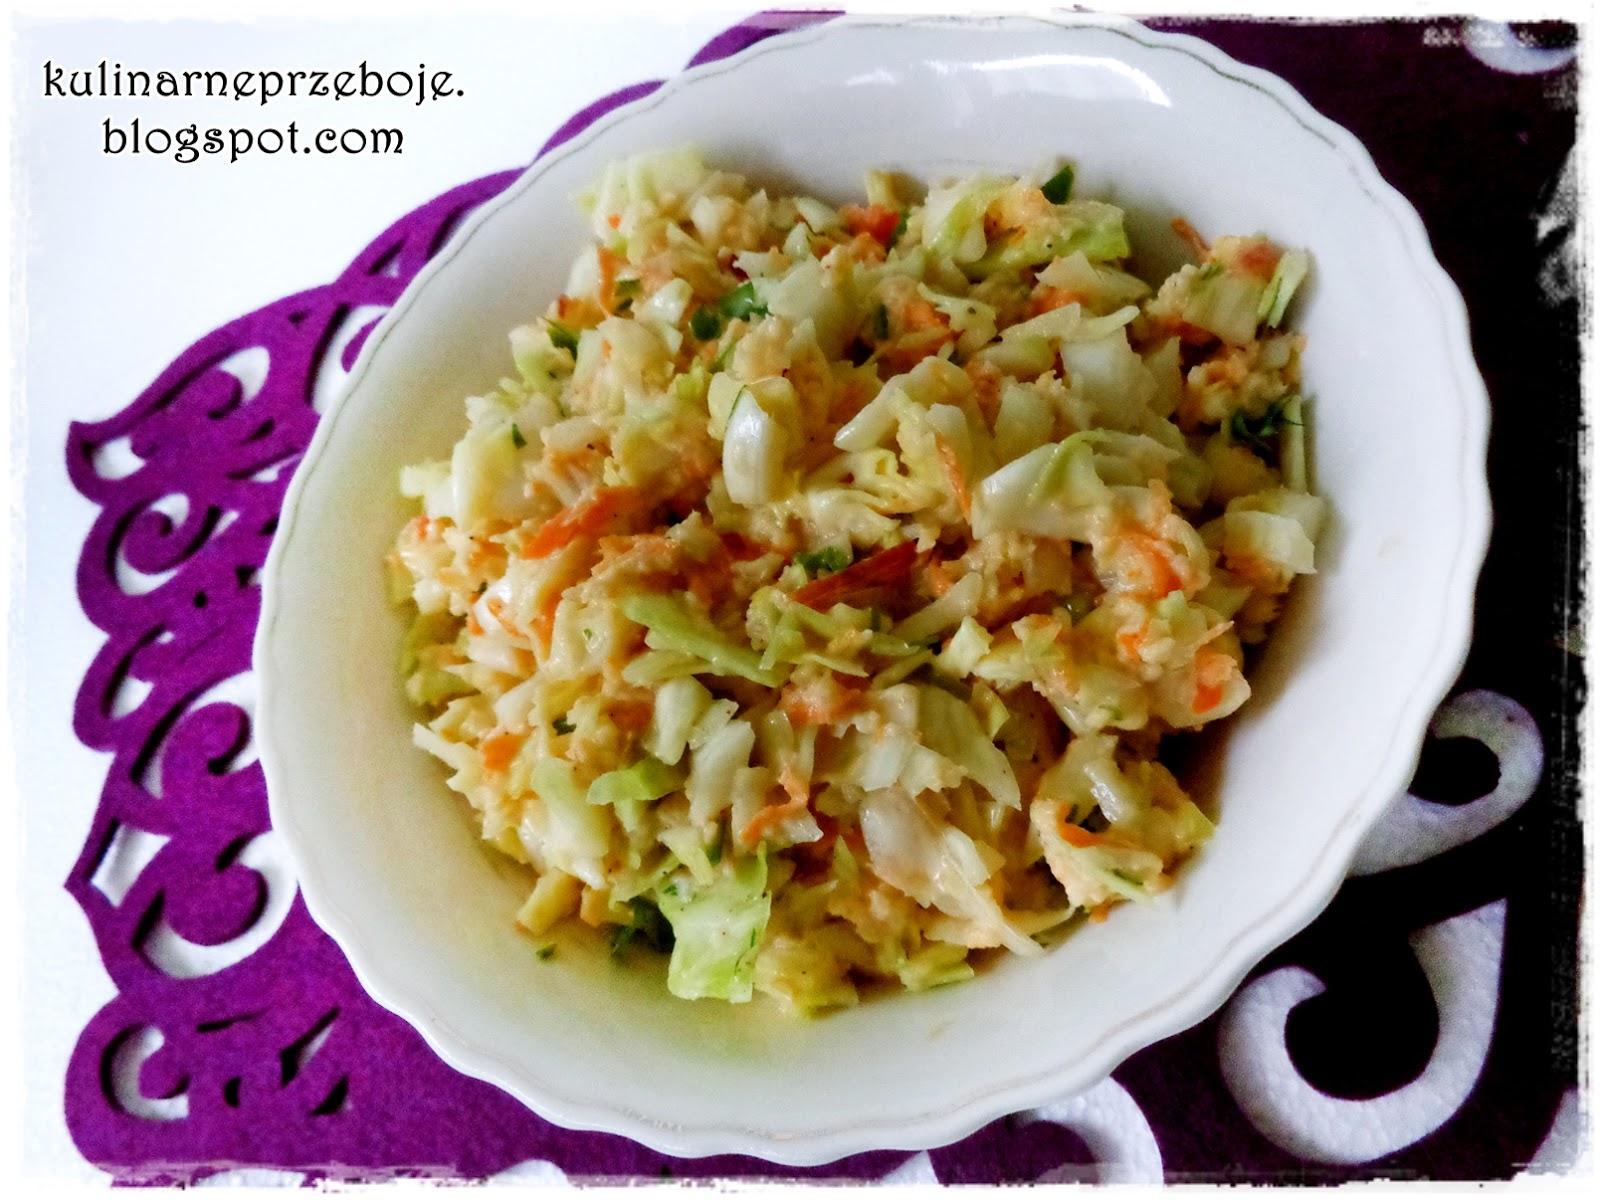 Surówka z białej kapusty z sosem jogurtowo-musztardowym / surówka Coleslaw